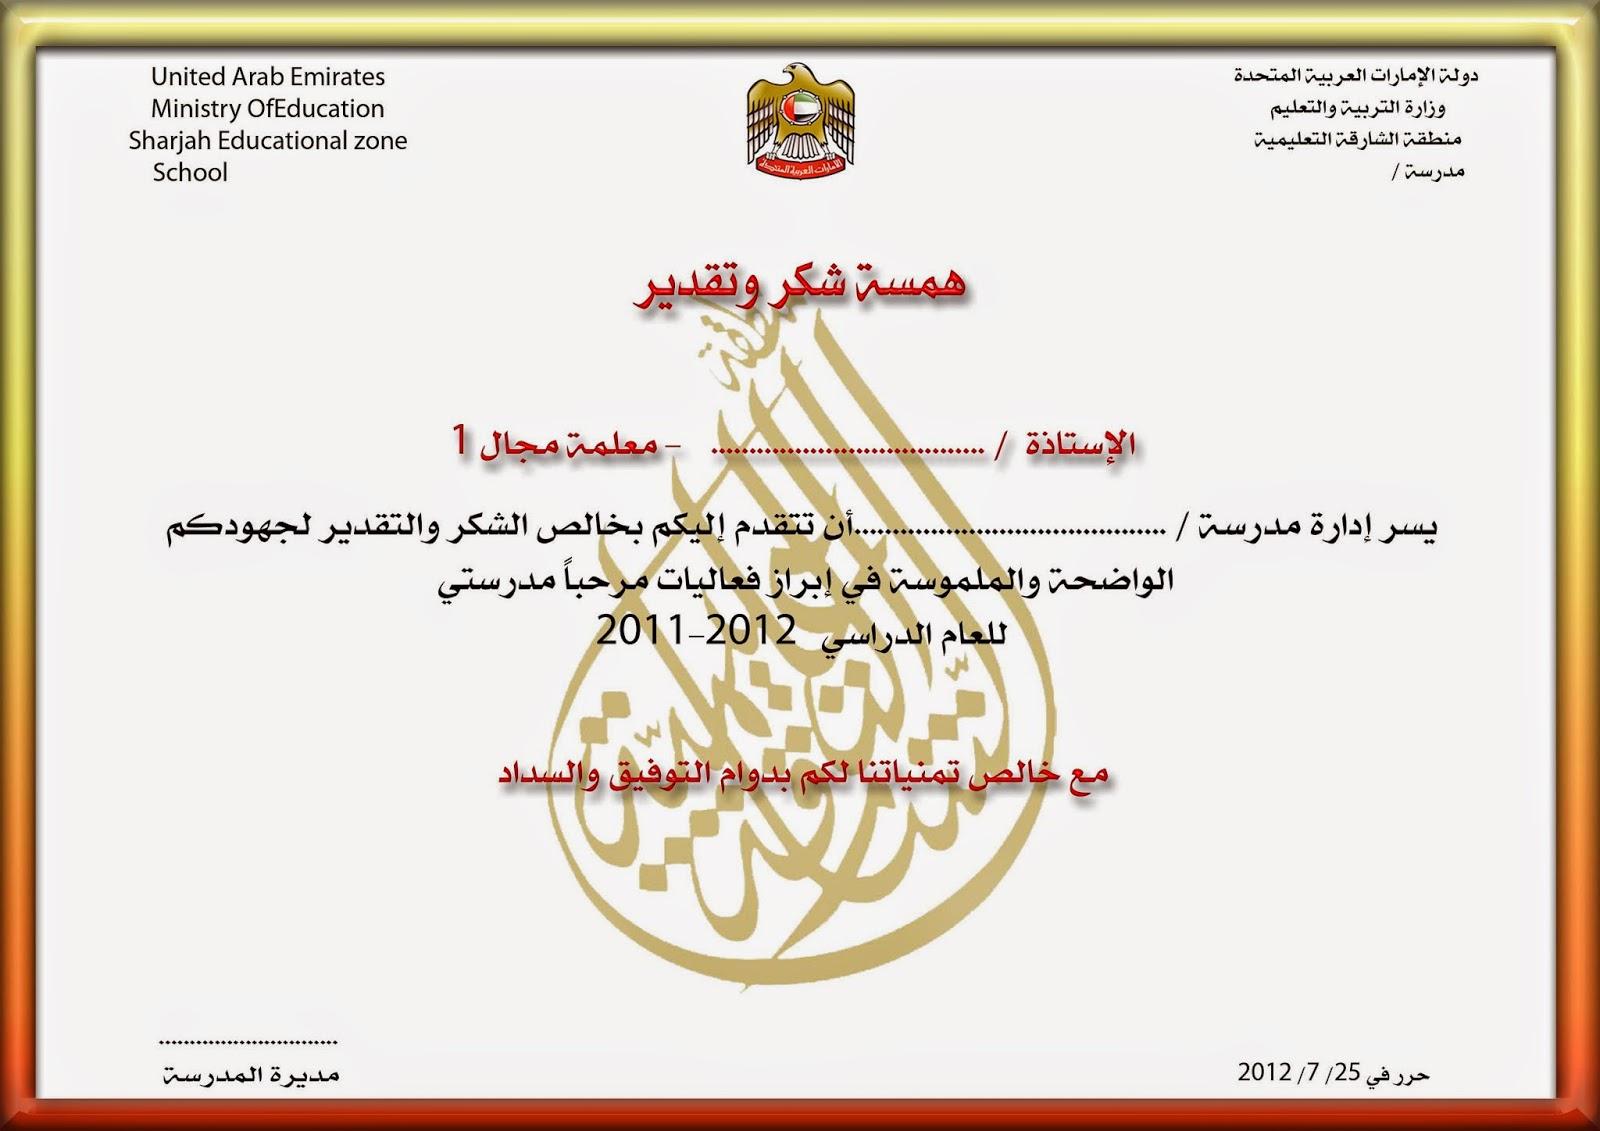 شهادة عمل نموذج شهادة خبرة جاهزة للطباعة